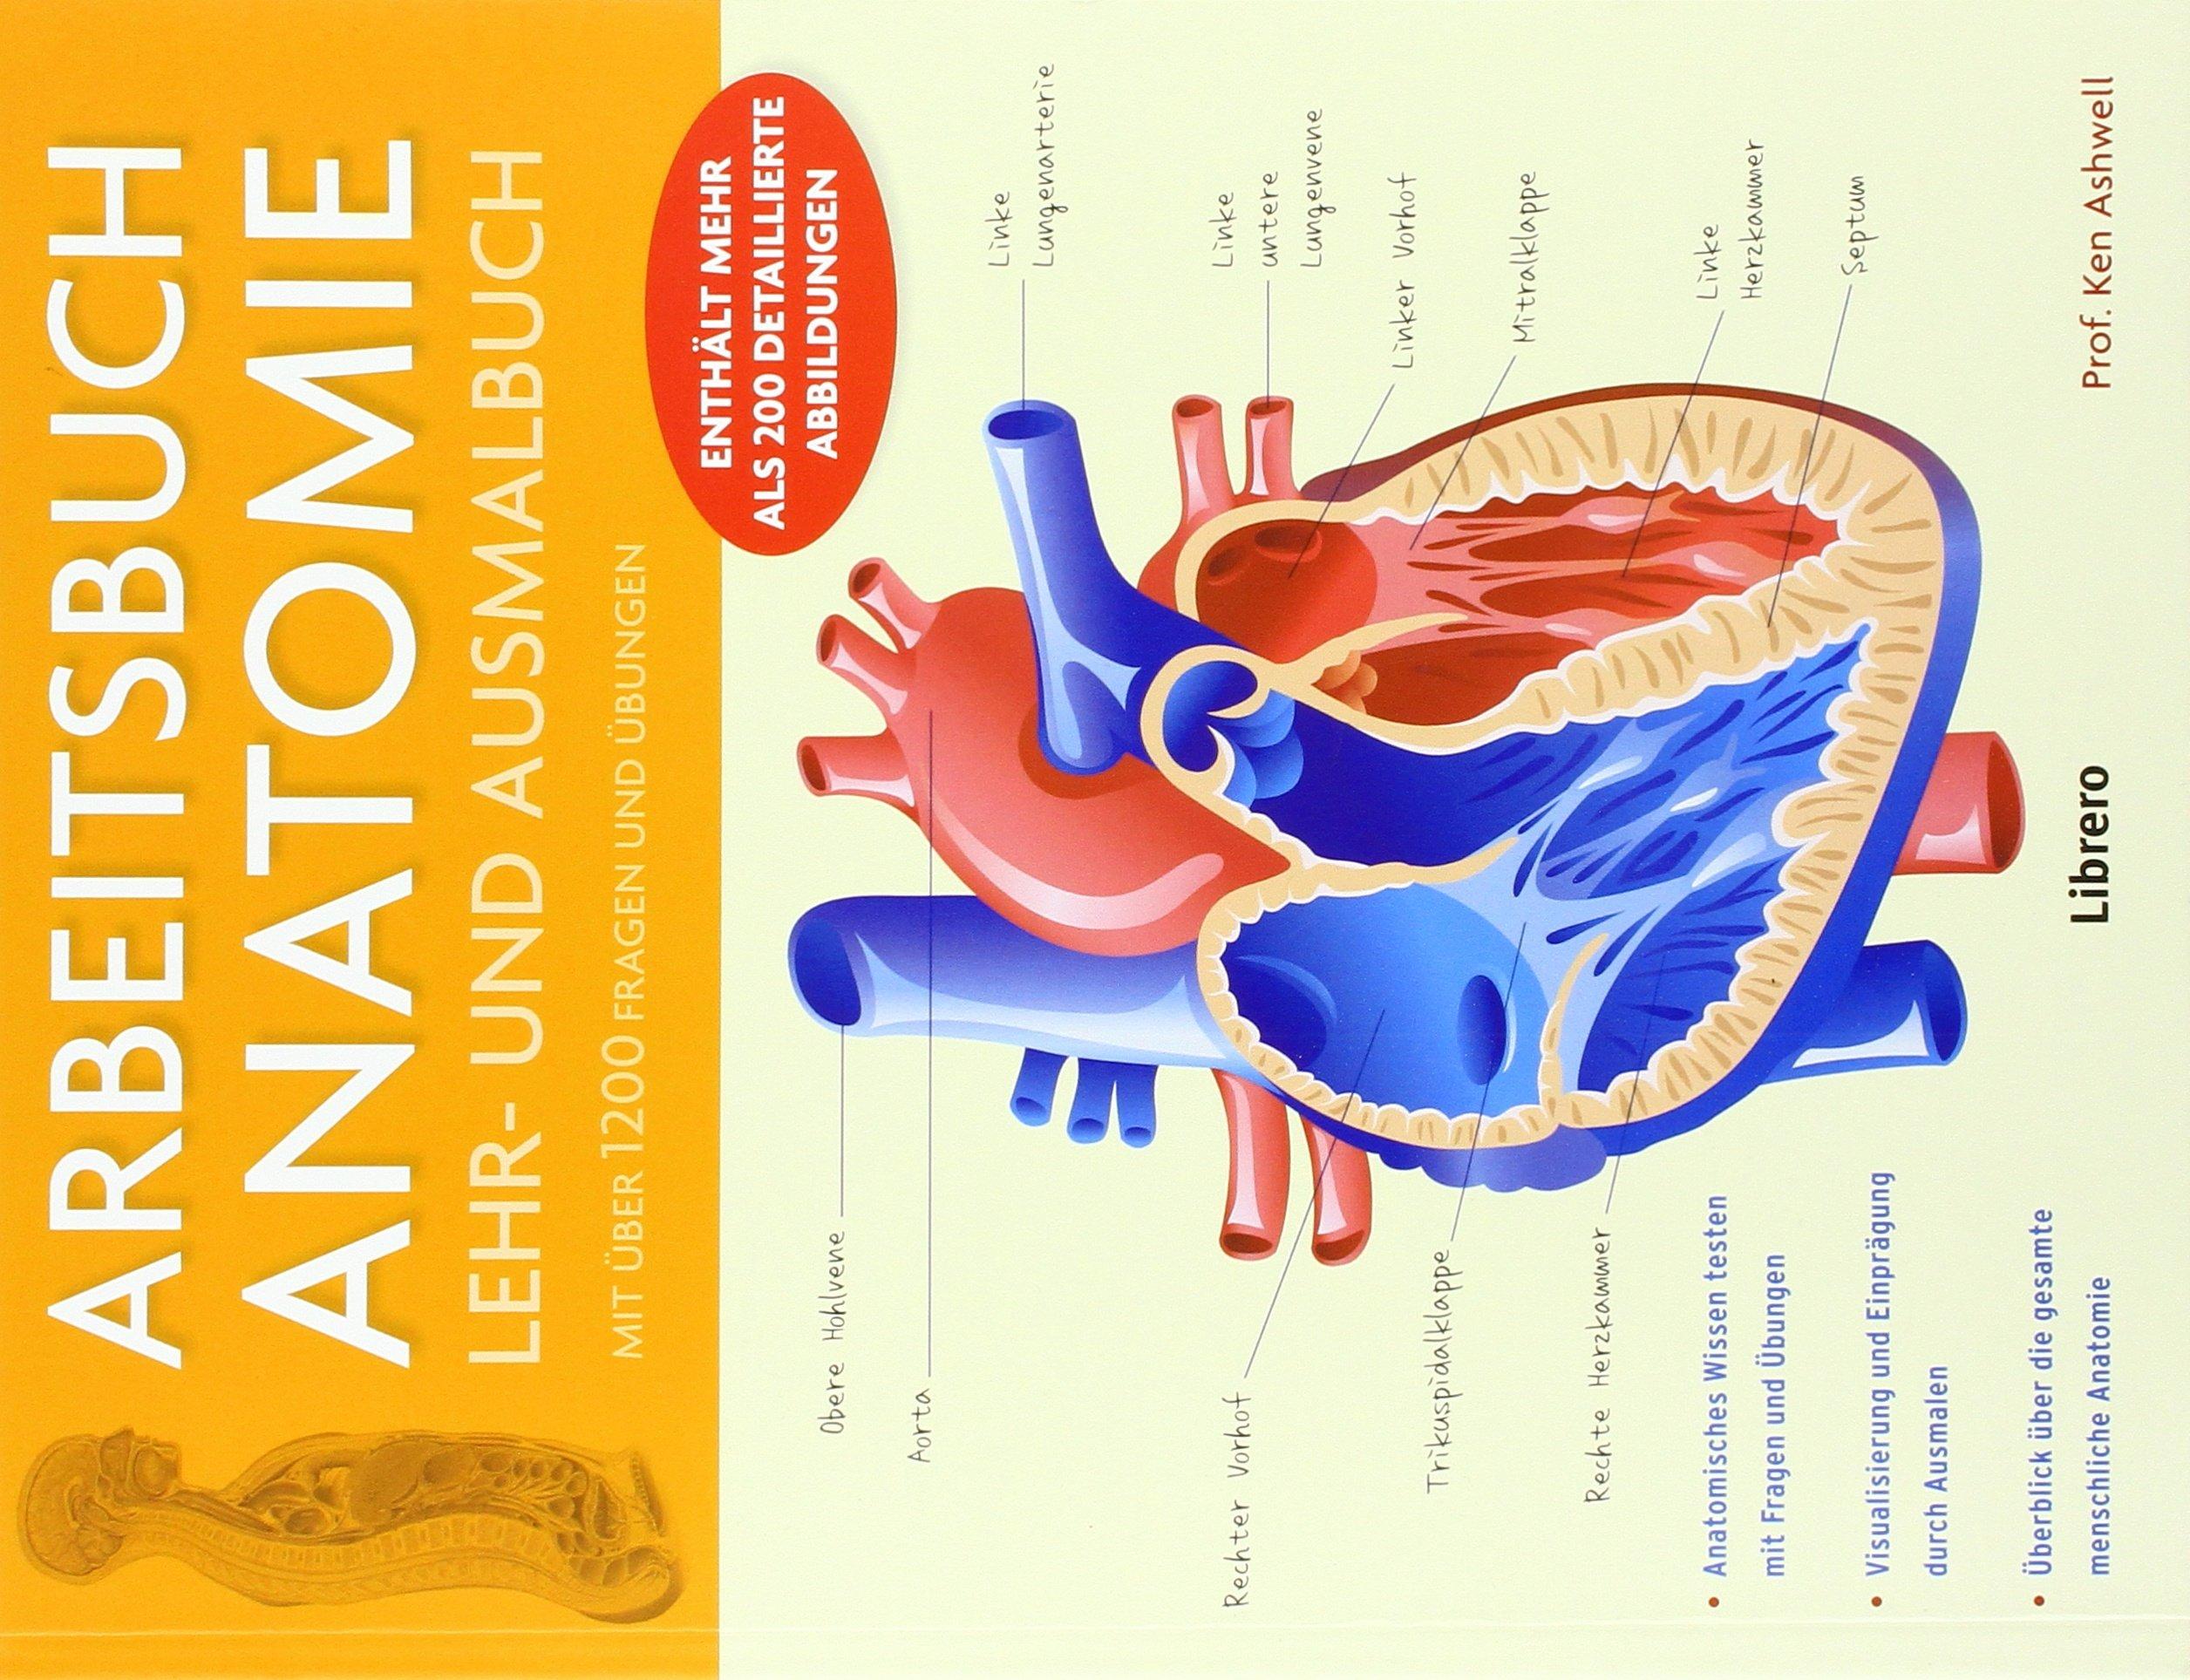 Arbeitsbuch Anatomie: Lehr- und Ausmalbuch: Amazon.de: Ken Ashwell ...